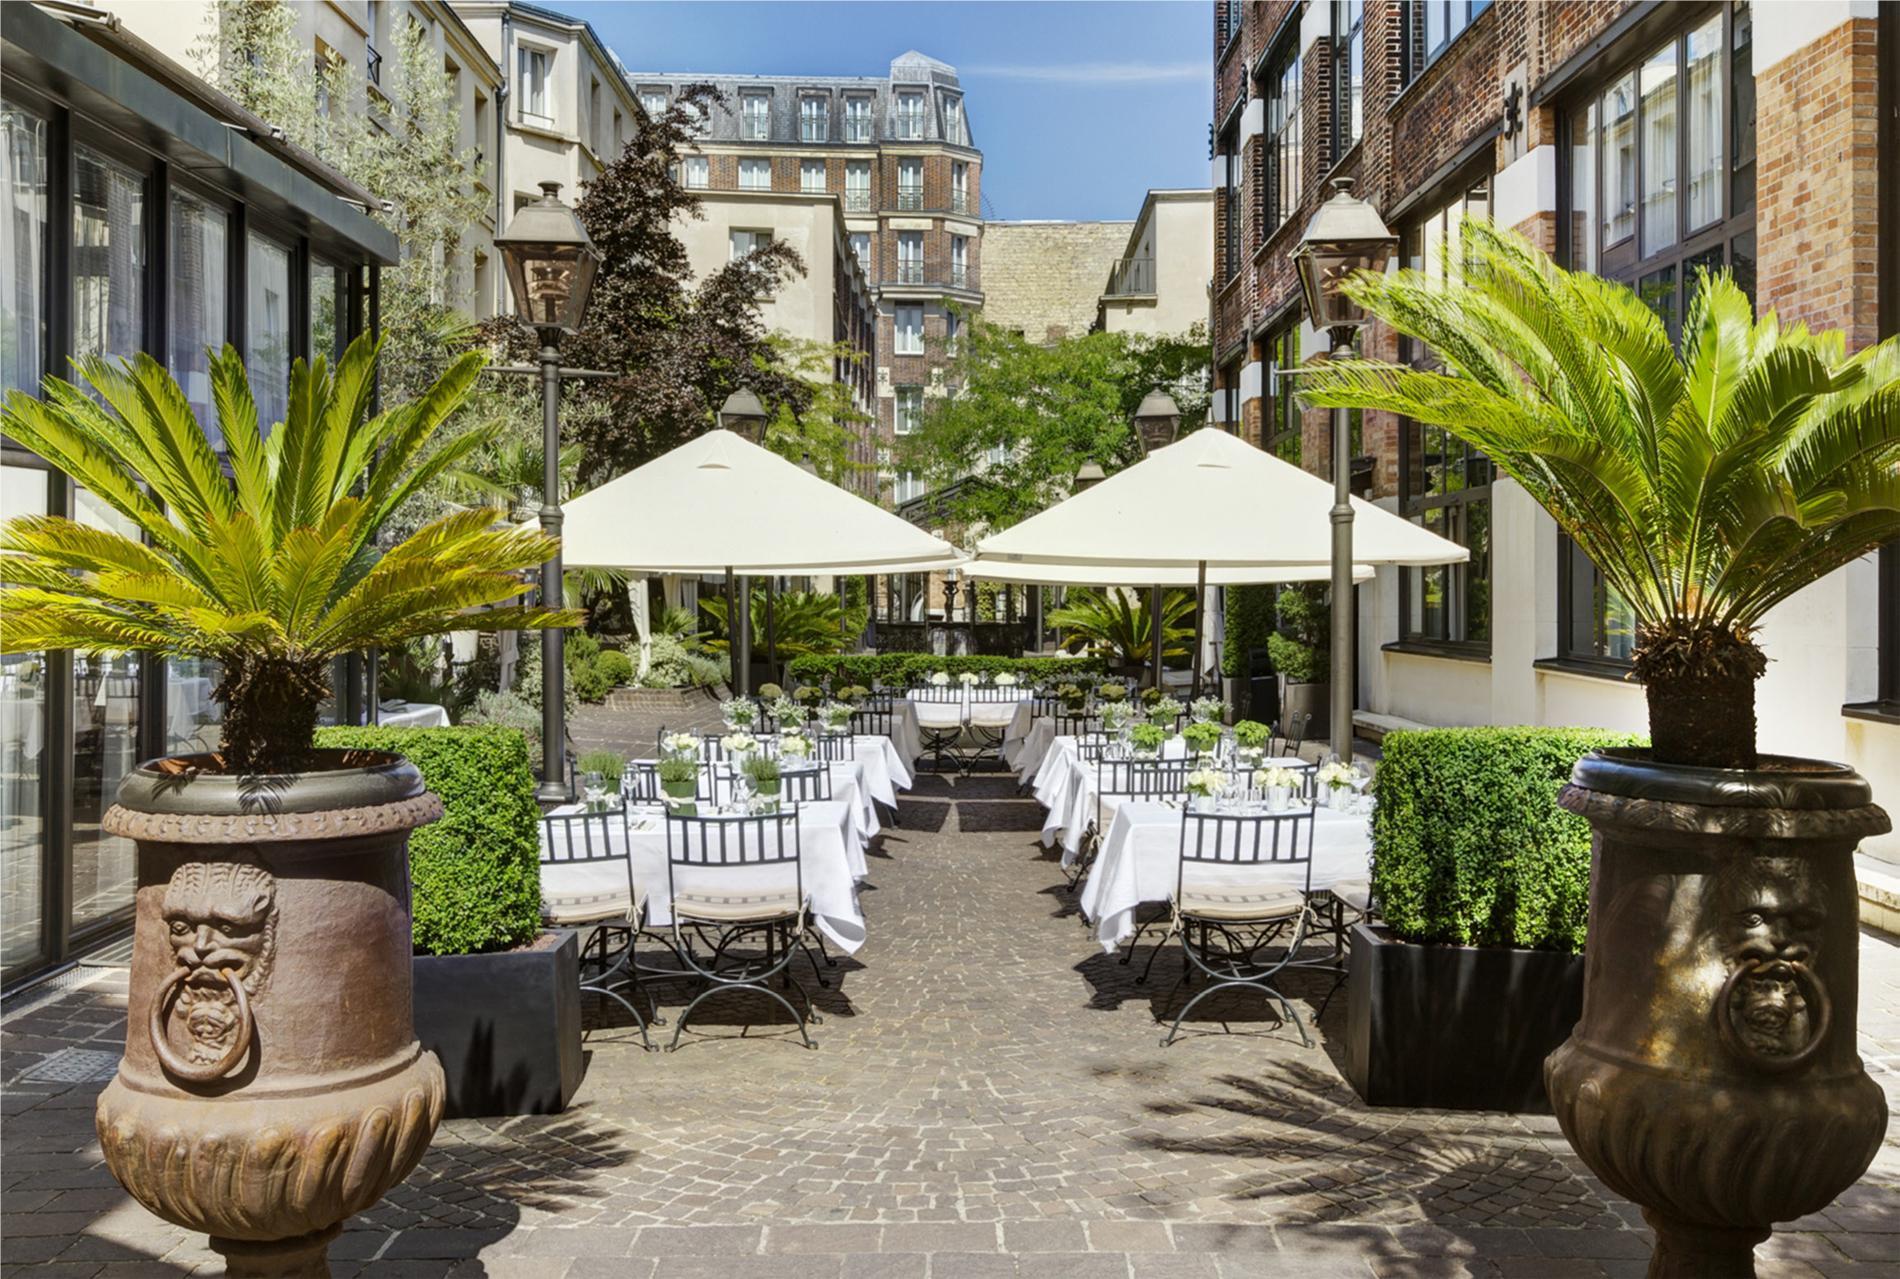 Banqtet Hotel De Ville Paris